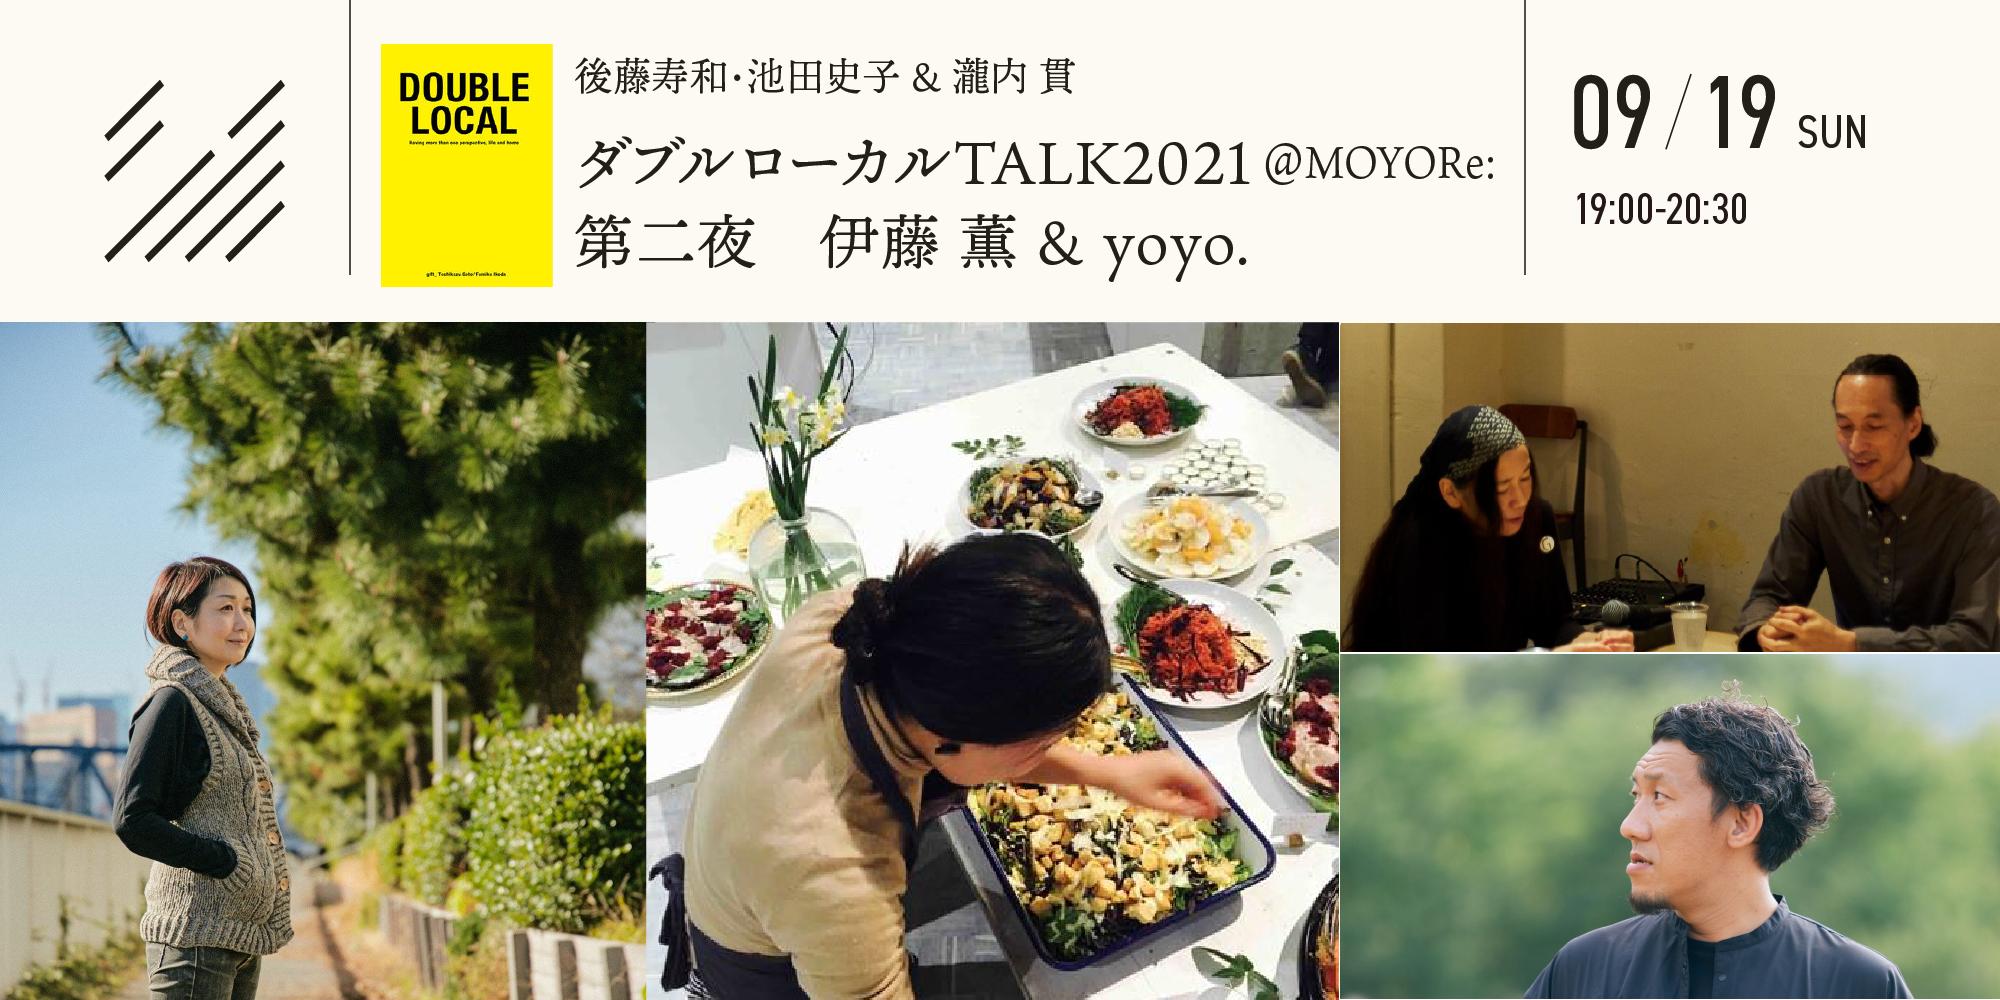 <第二夜/TreckTreck 伊藤薫&料理家 yoyo. > ダブルローカルTALK2021@MOYORe<三夜連続開催>